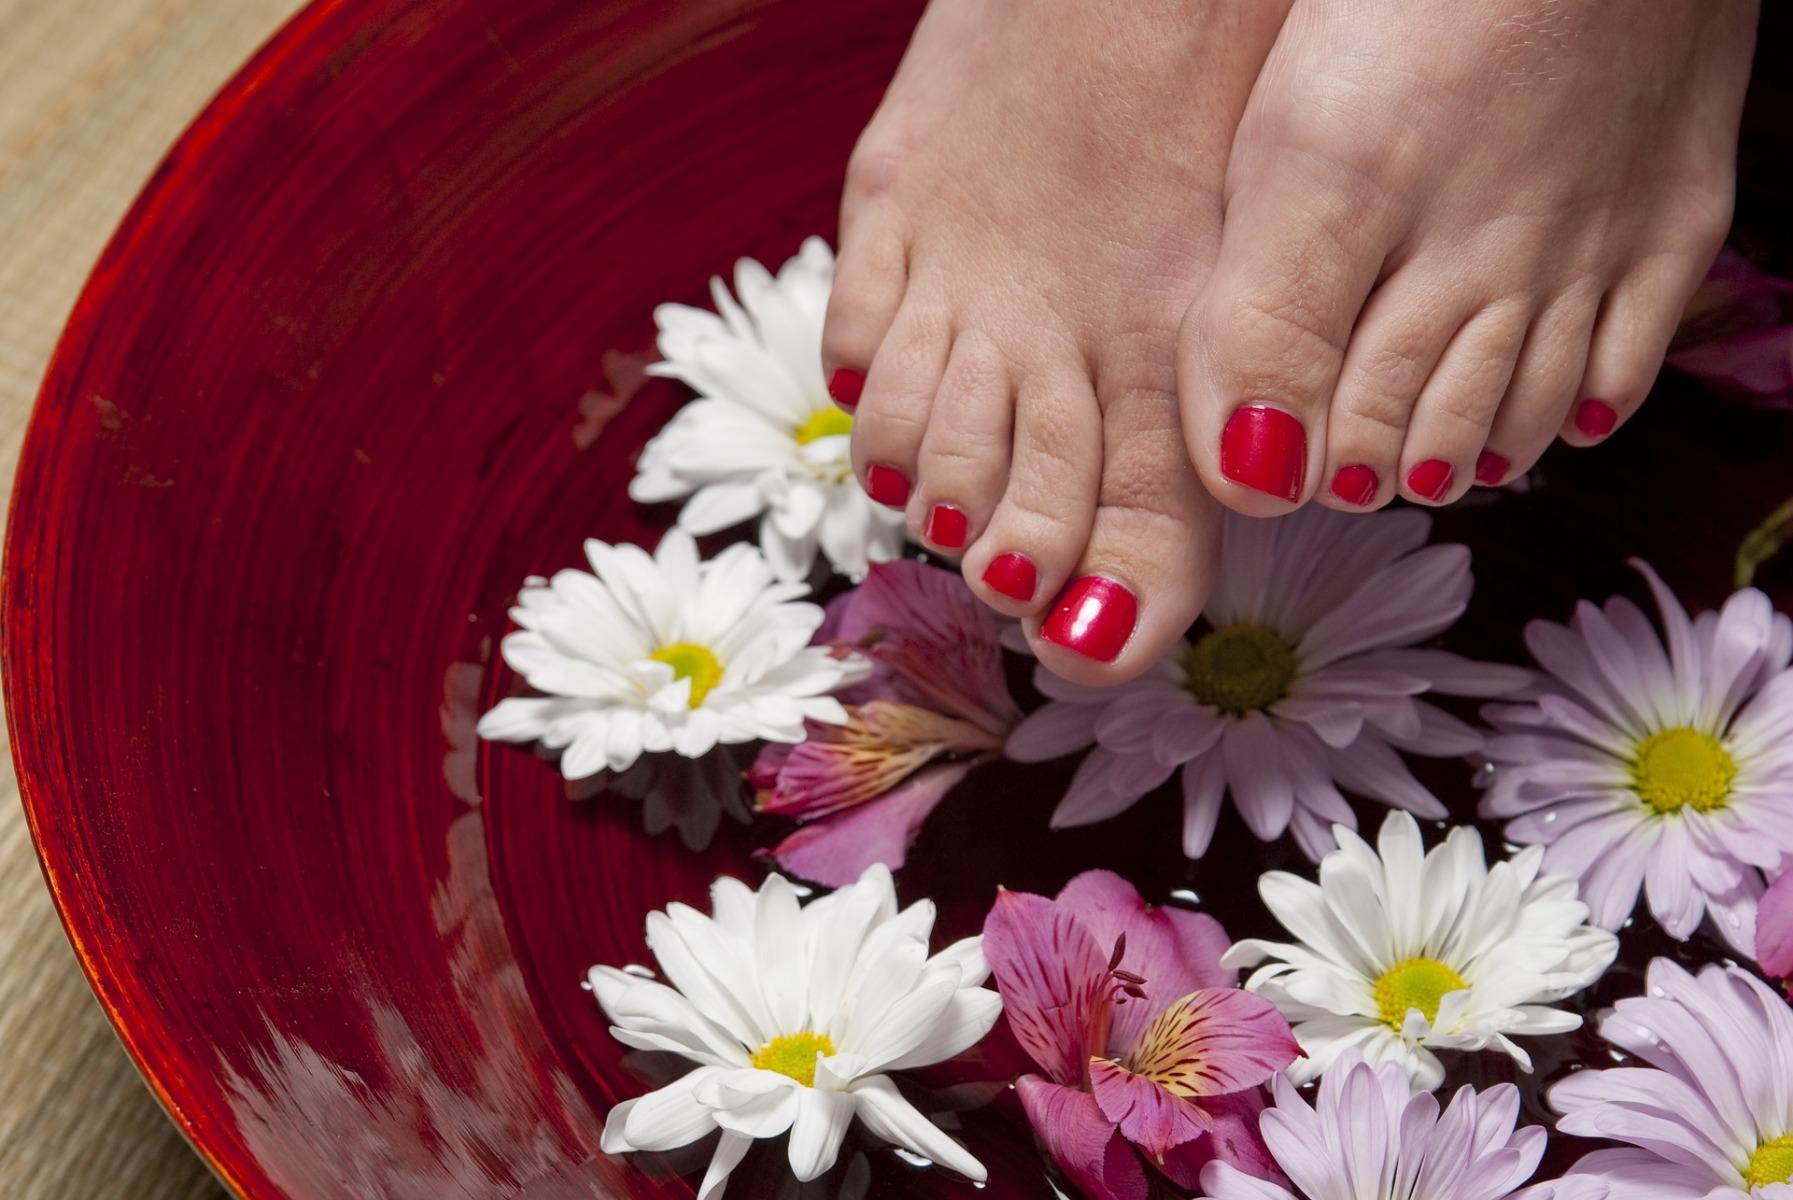 foot-1885546_1920